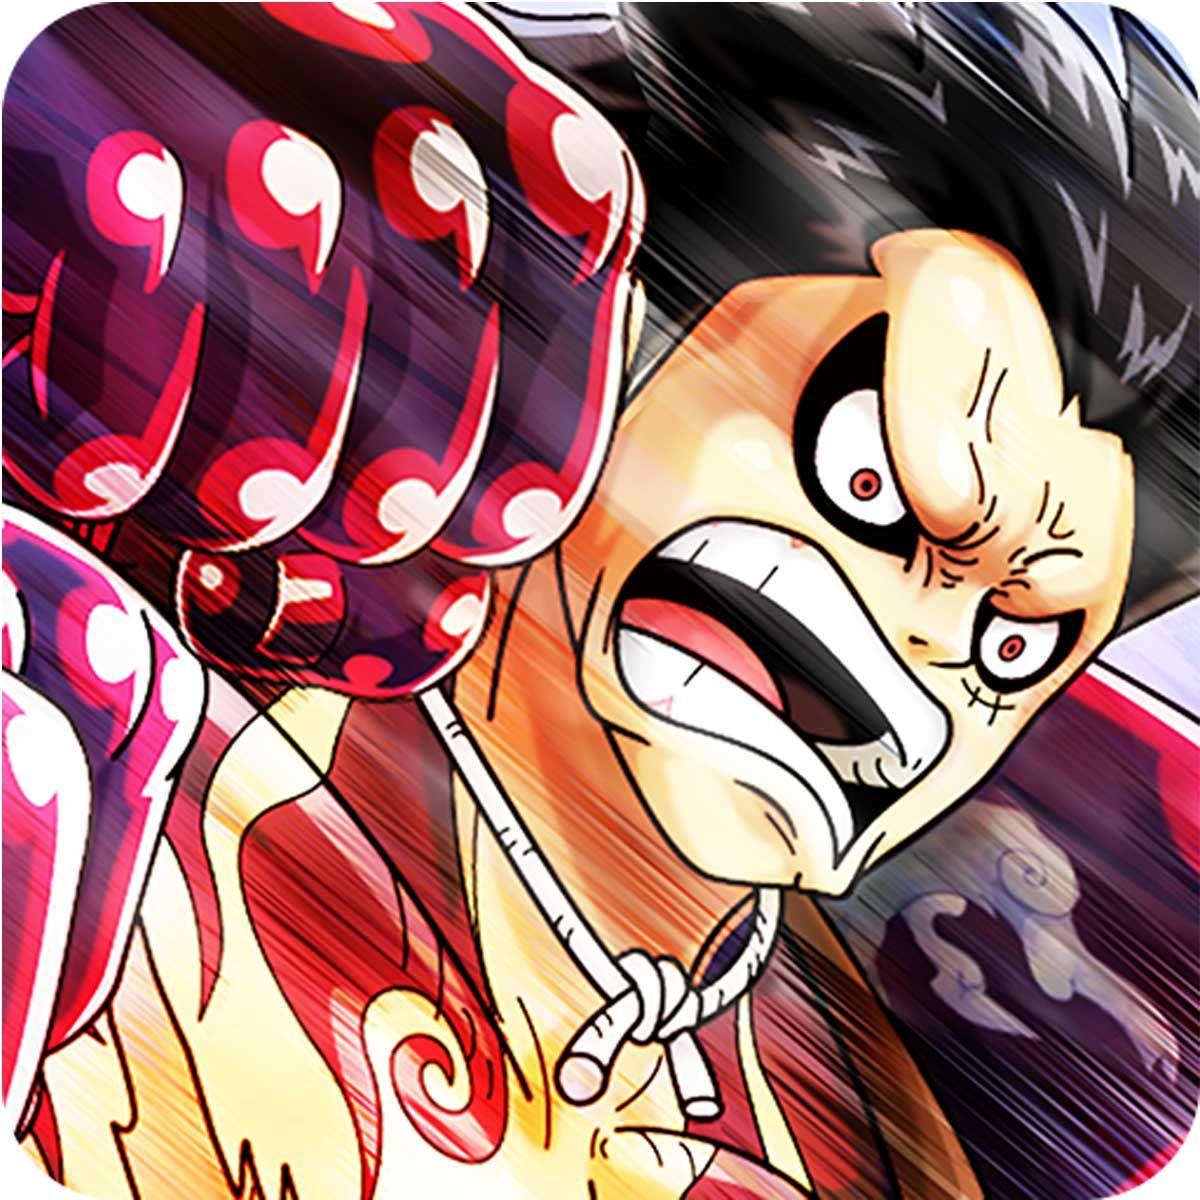 [JP] One Piece Treasure Cruise Mod 9.6.2 Apk (ONE PIECE